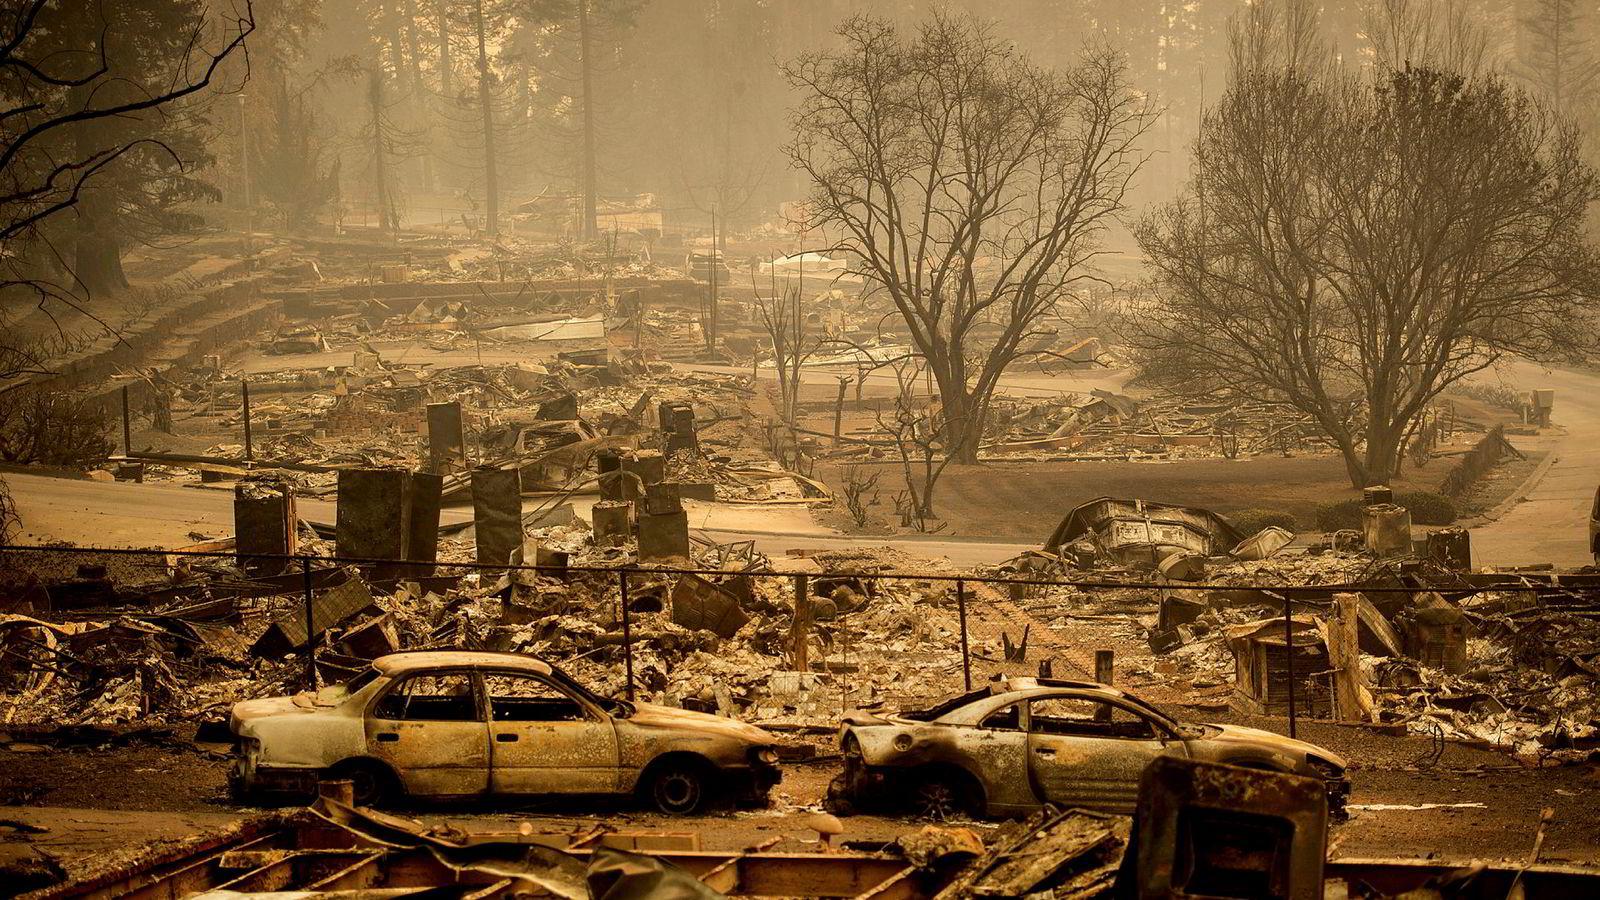 Småbyen Paradise i California er helt nedbrent.